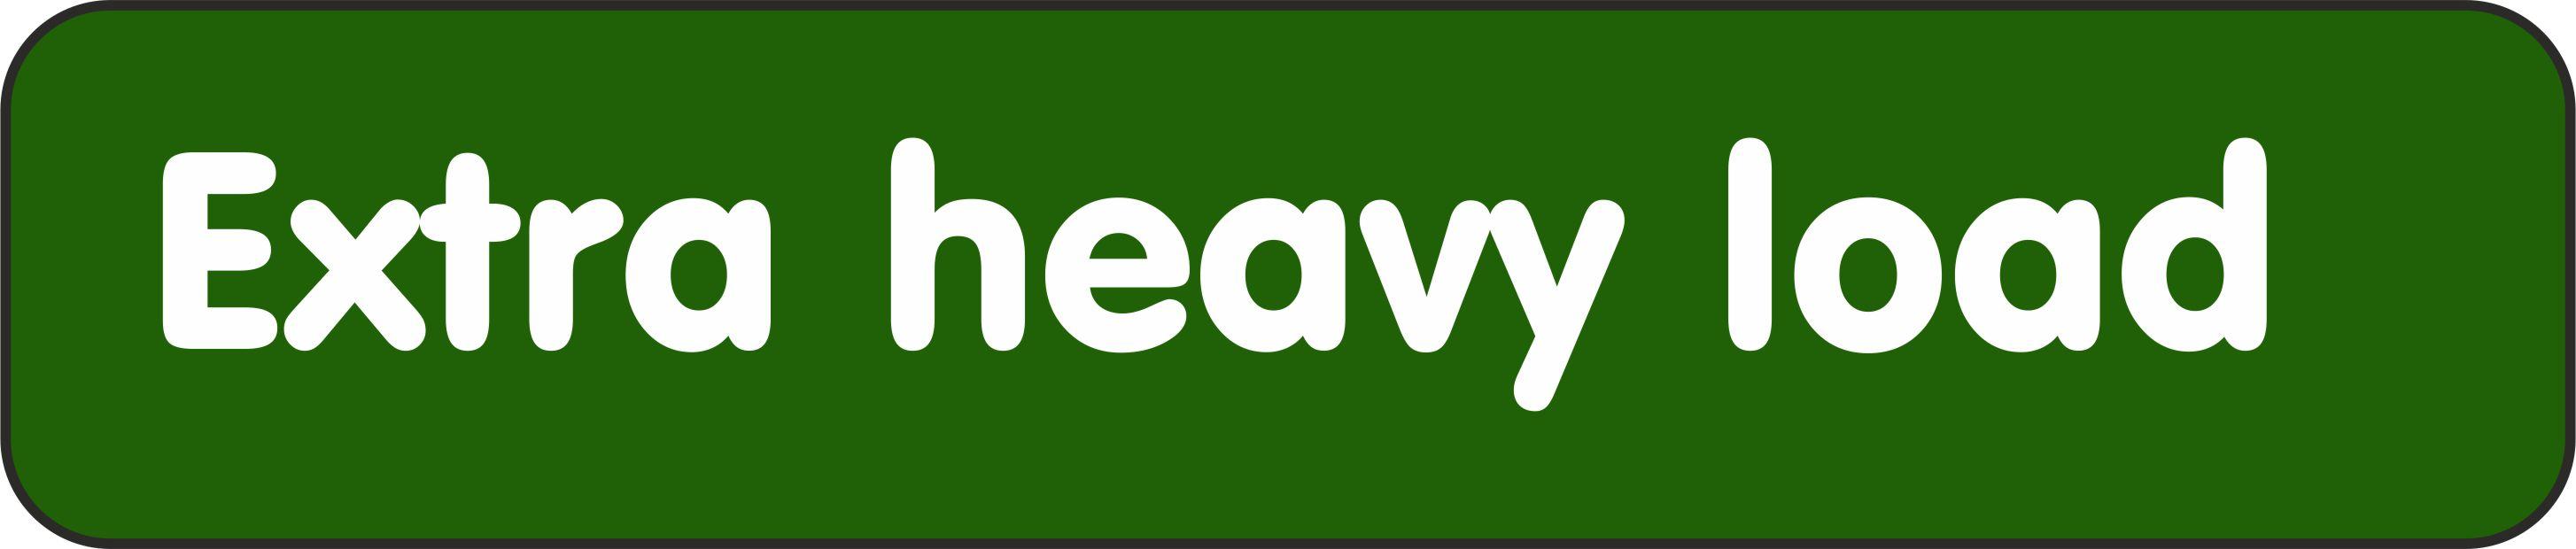 EXTRA HEAVY LOAD